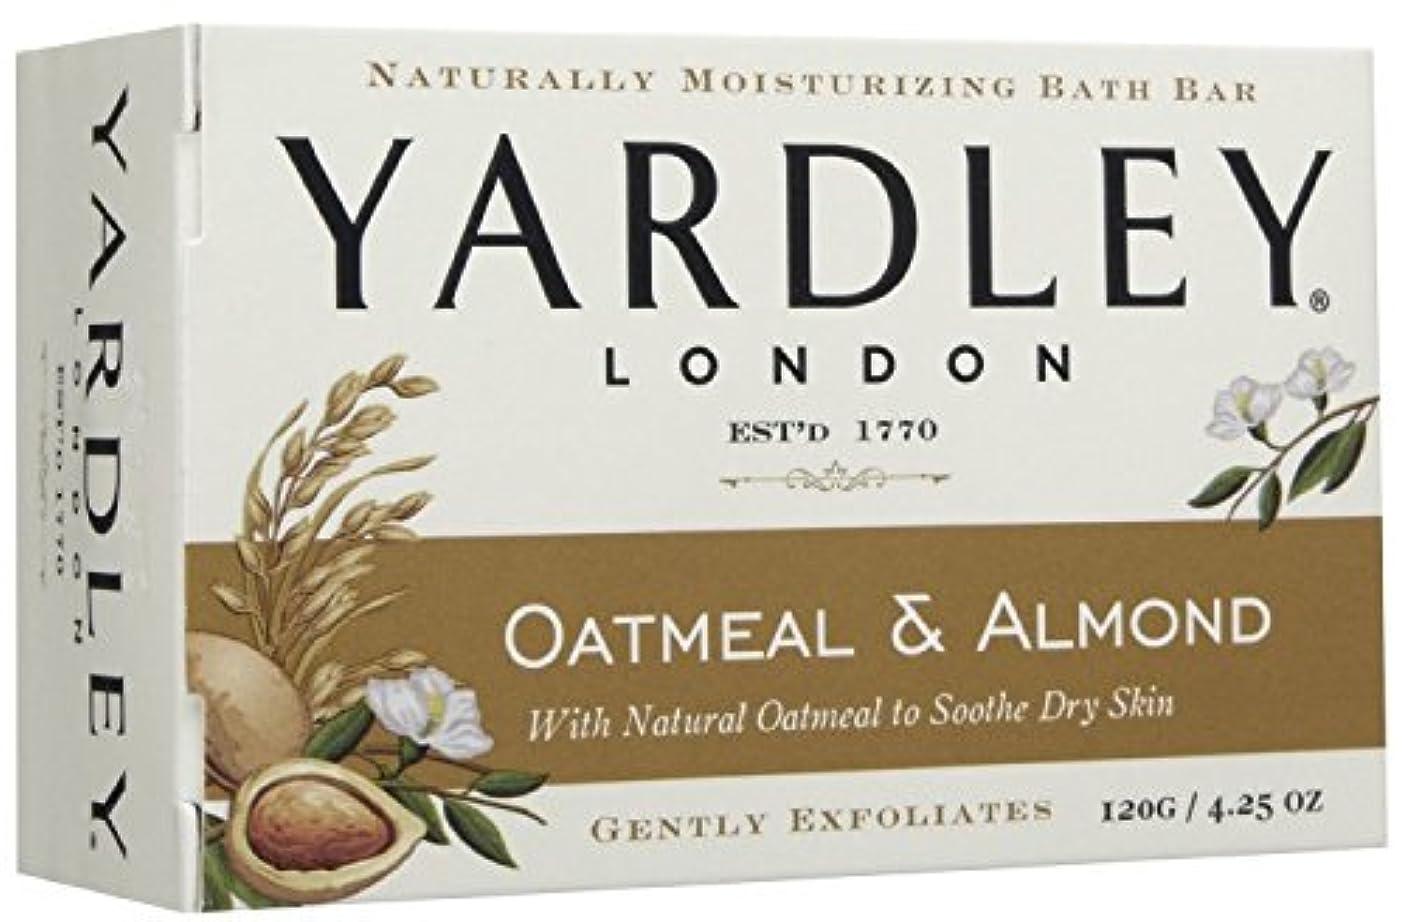 抑圧するモナリザ試用Yardley London (ヤードリー ロンドン) オートミール&アーモンド モイスチャライズ バス ソープ 120g [並行輸入品]